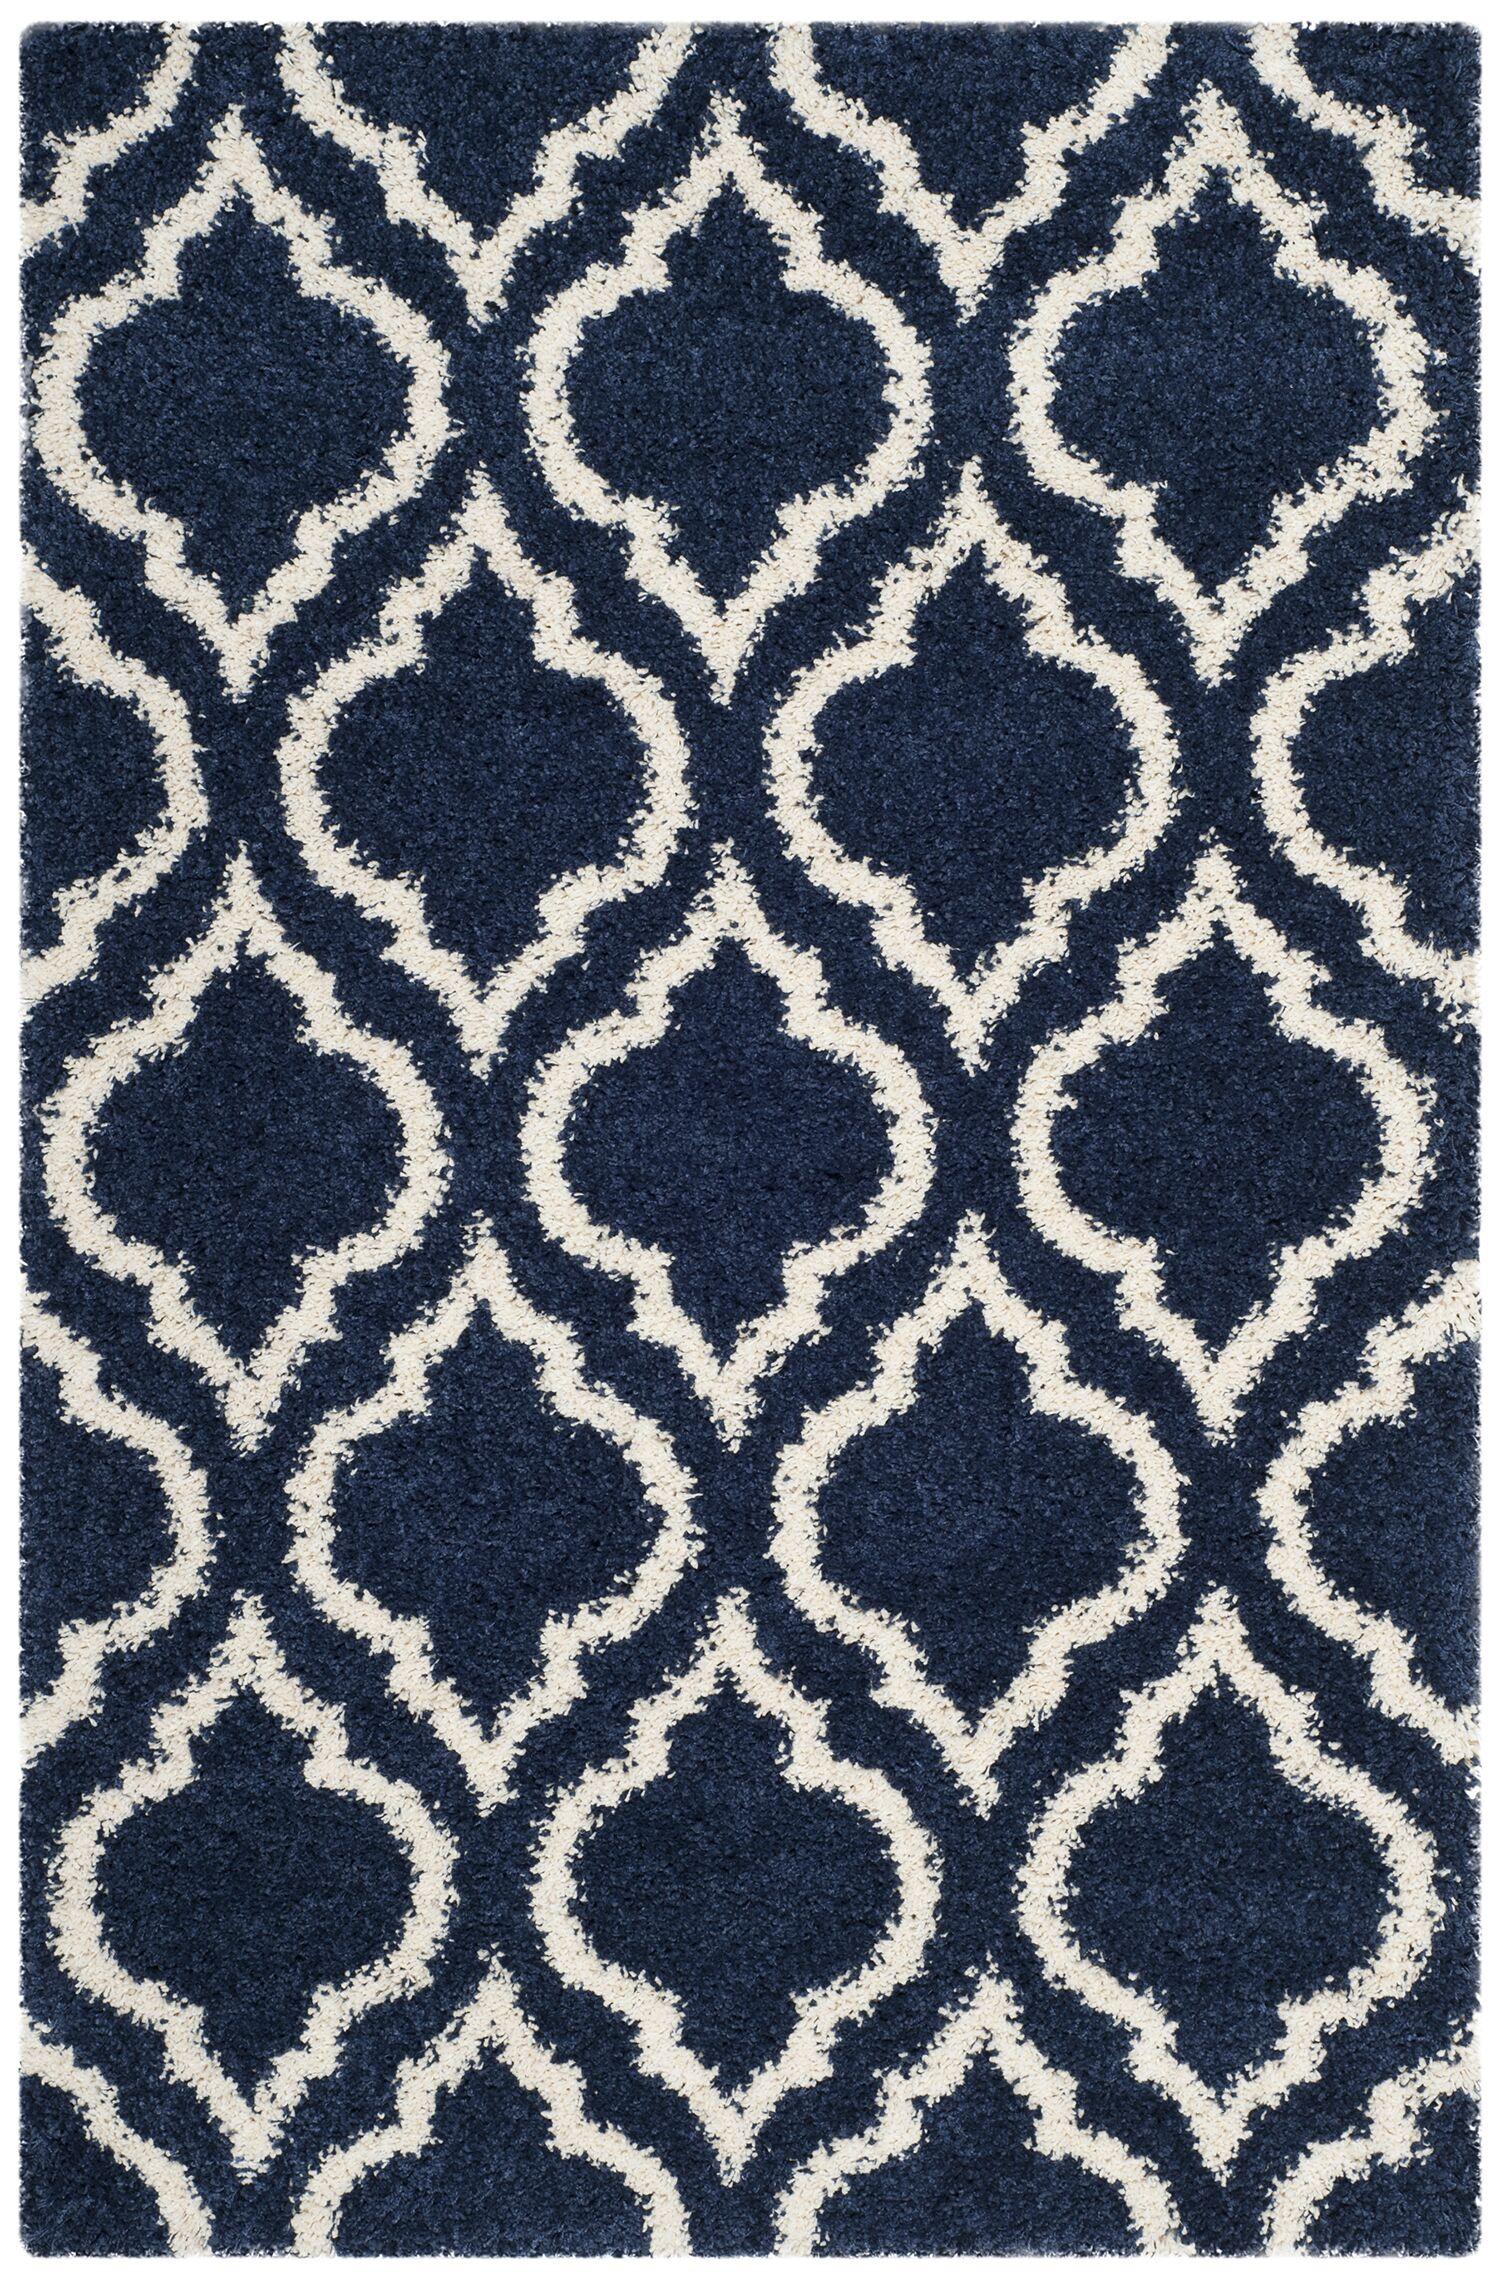 Melvin Blue/Beige Area Rug Rug Size: Rectangle 4' x 6'